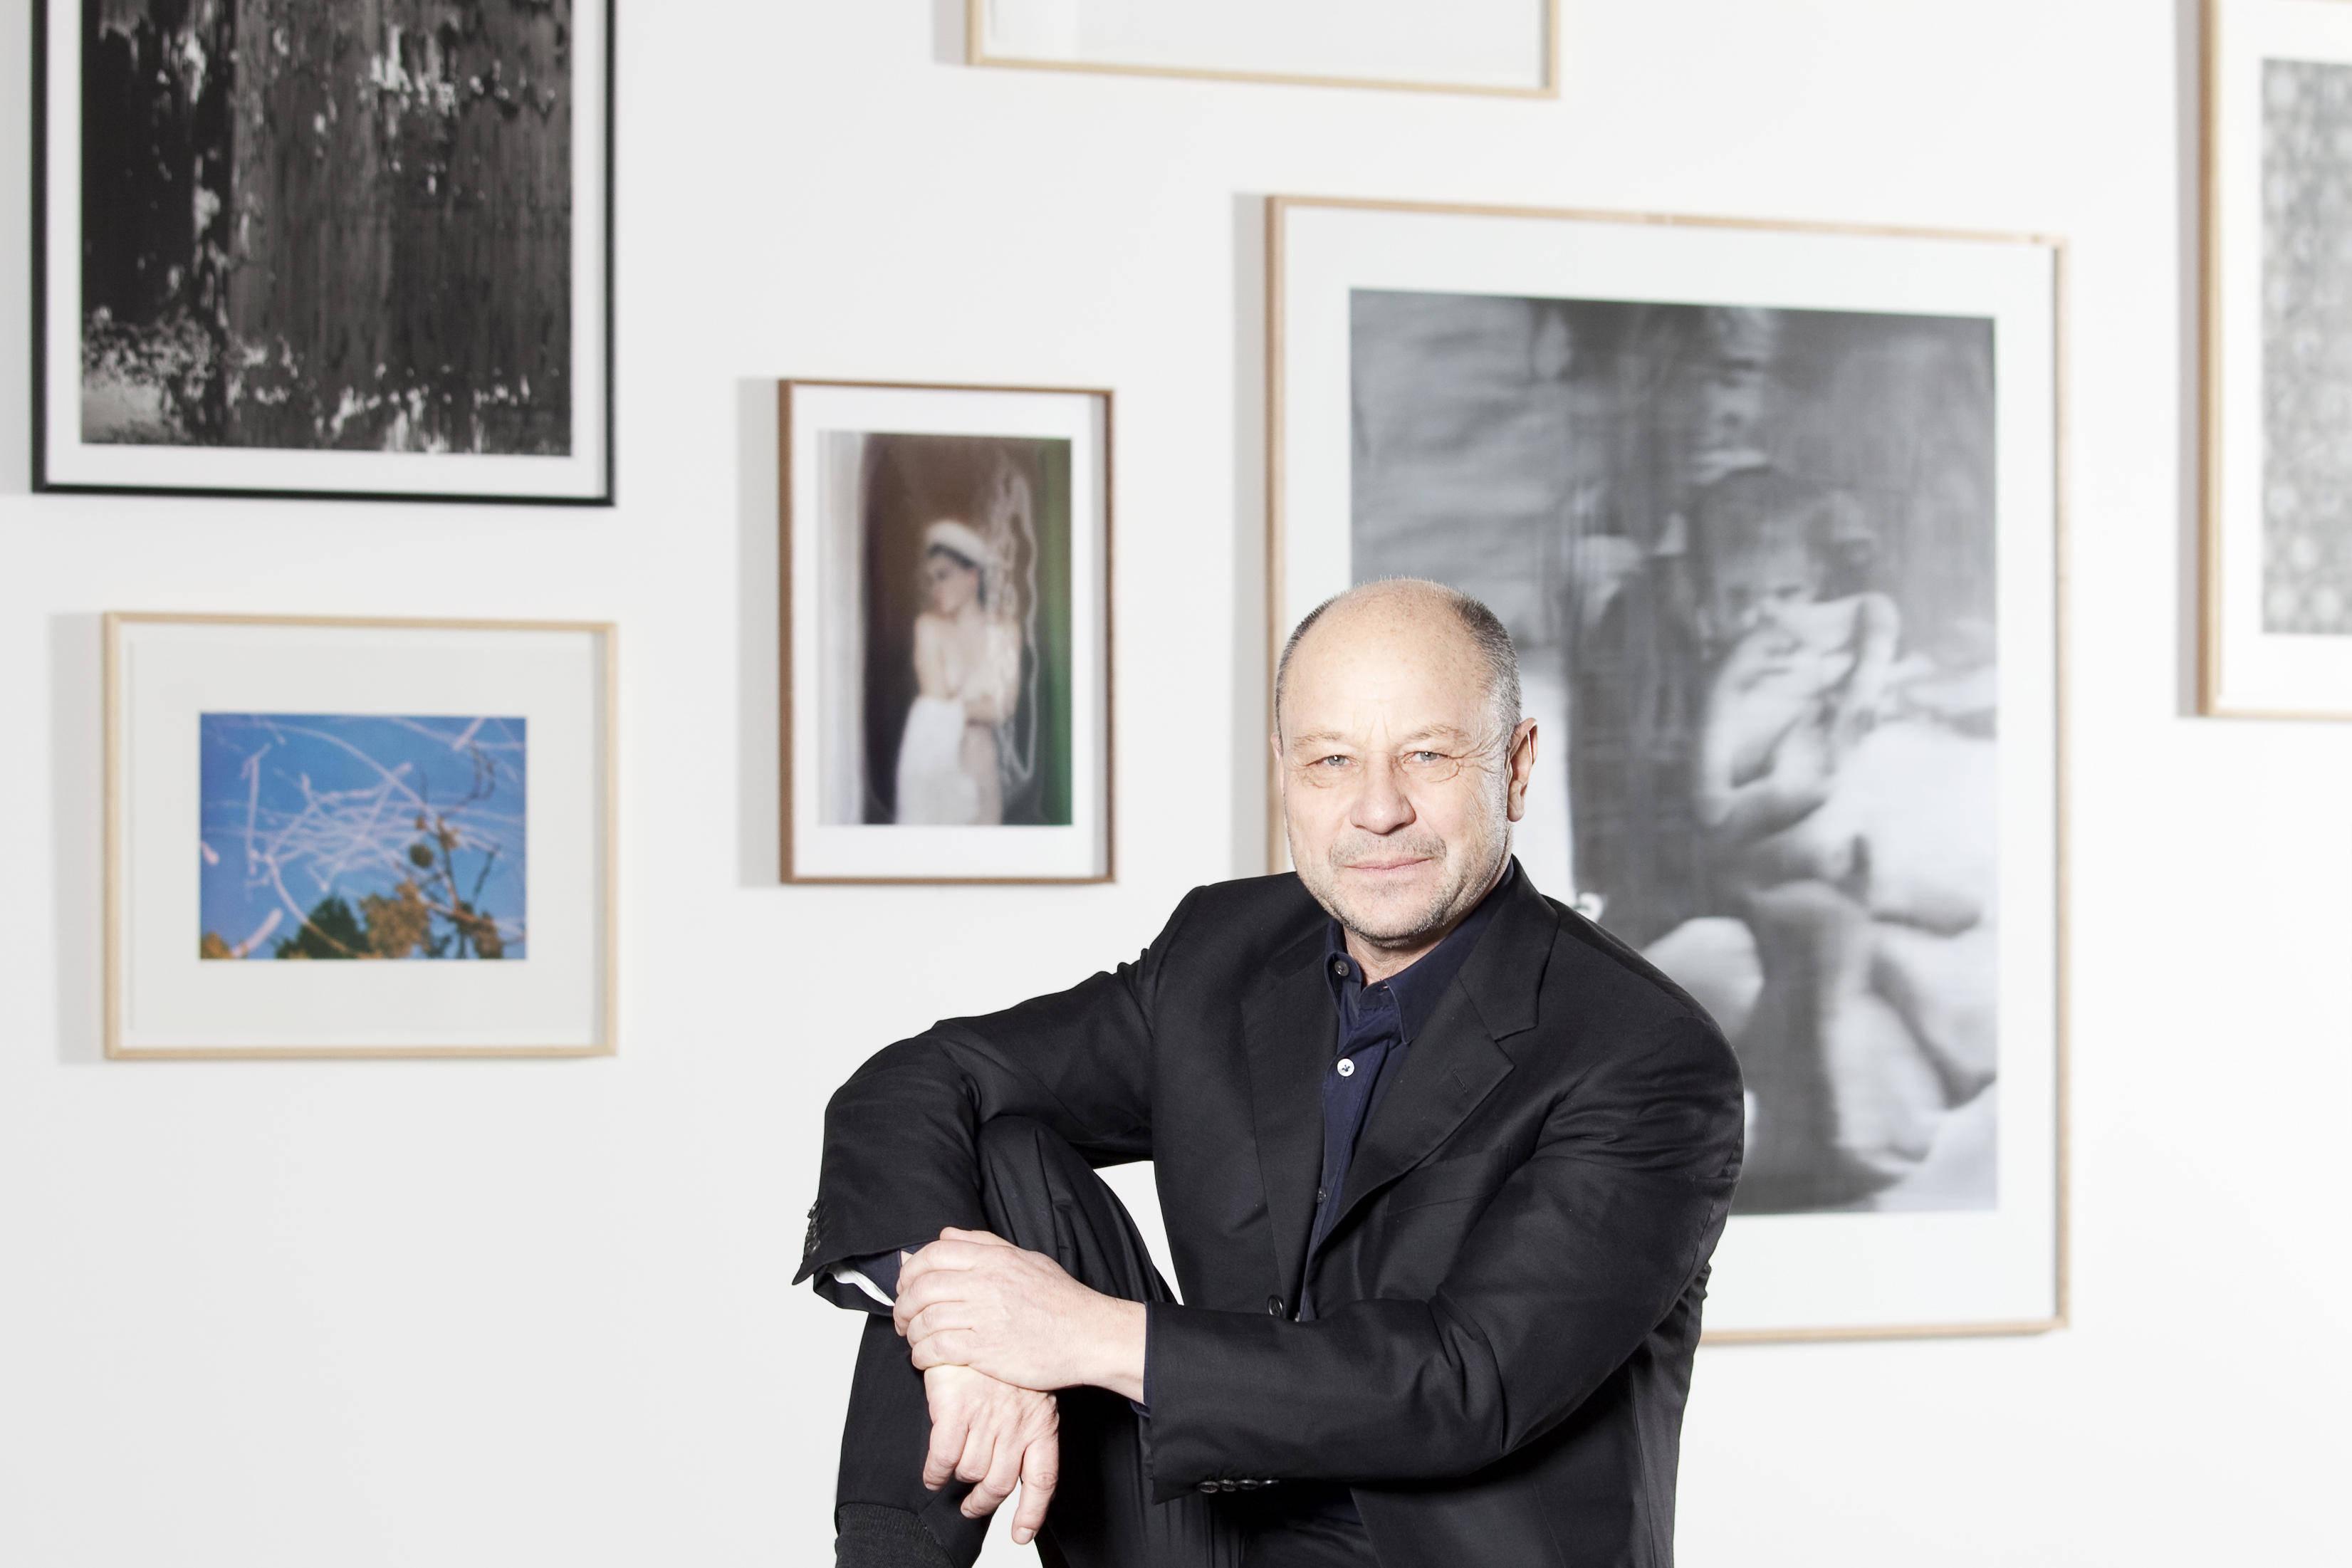 portrc3a4t-thomas-olbricht-2012-c2a9-me-collectors-room-berlin-foto-jana-ebert_2